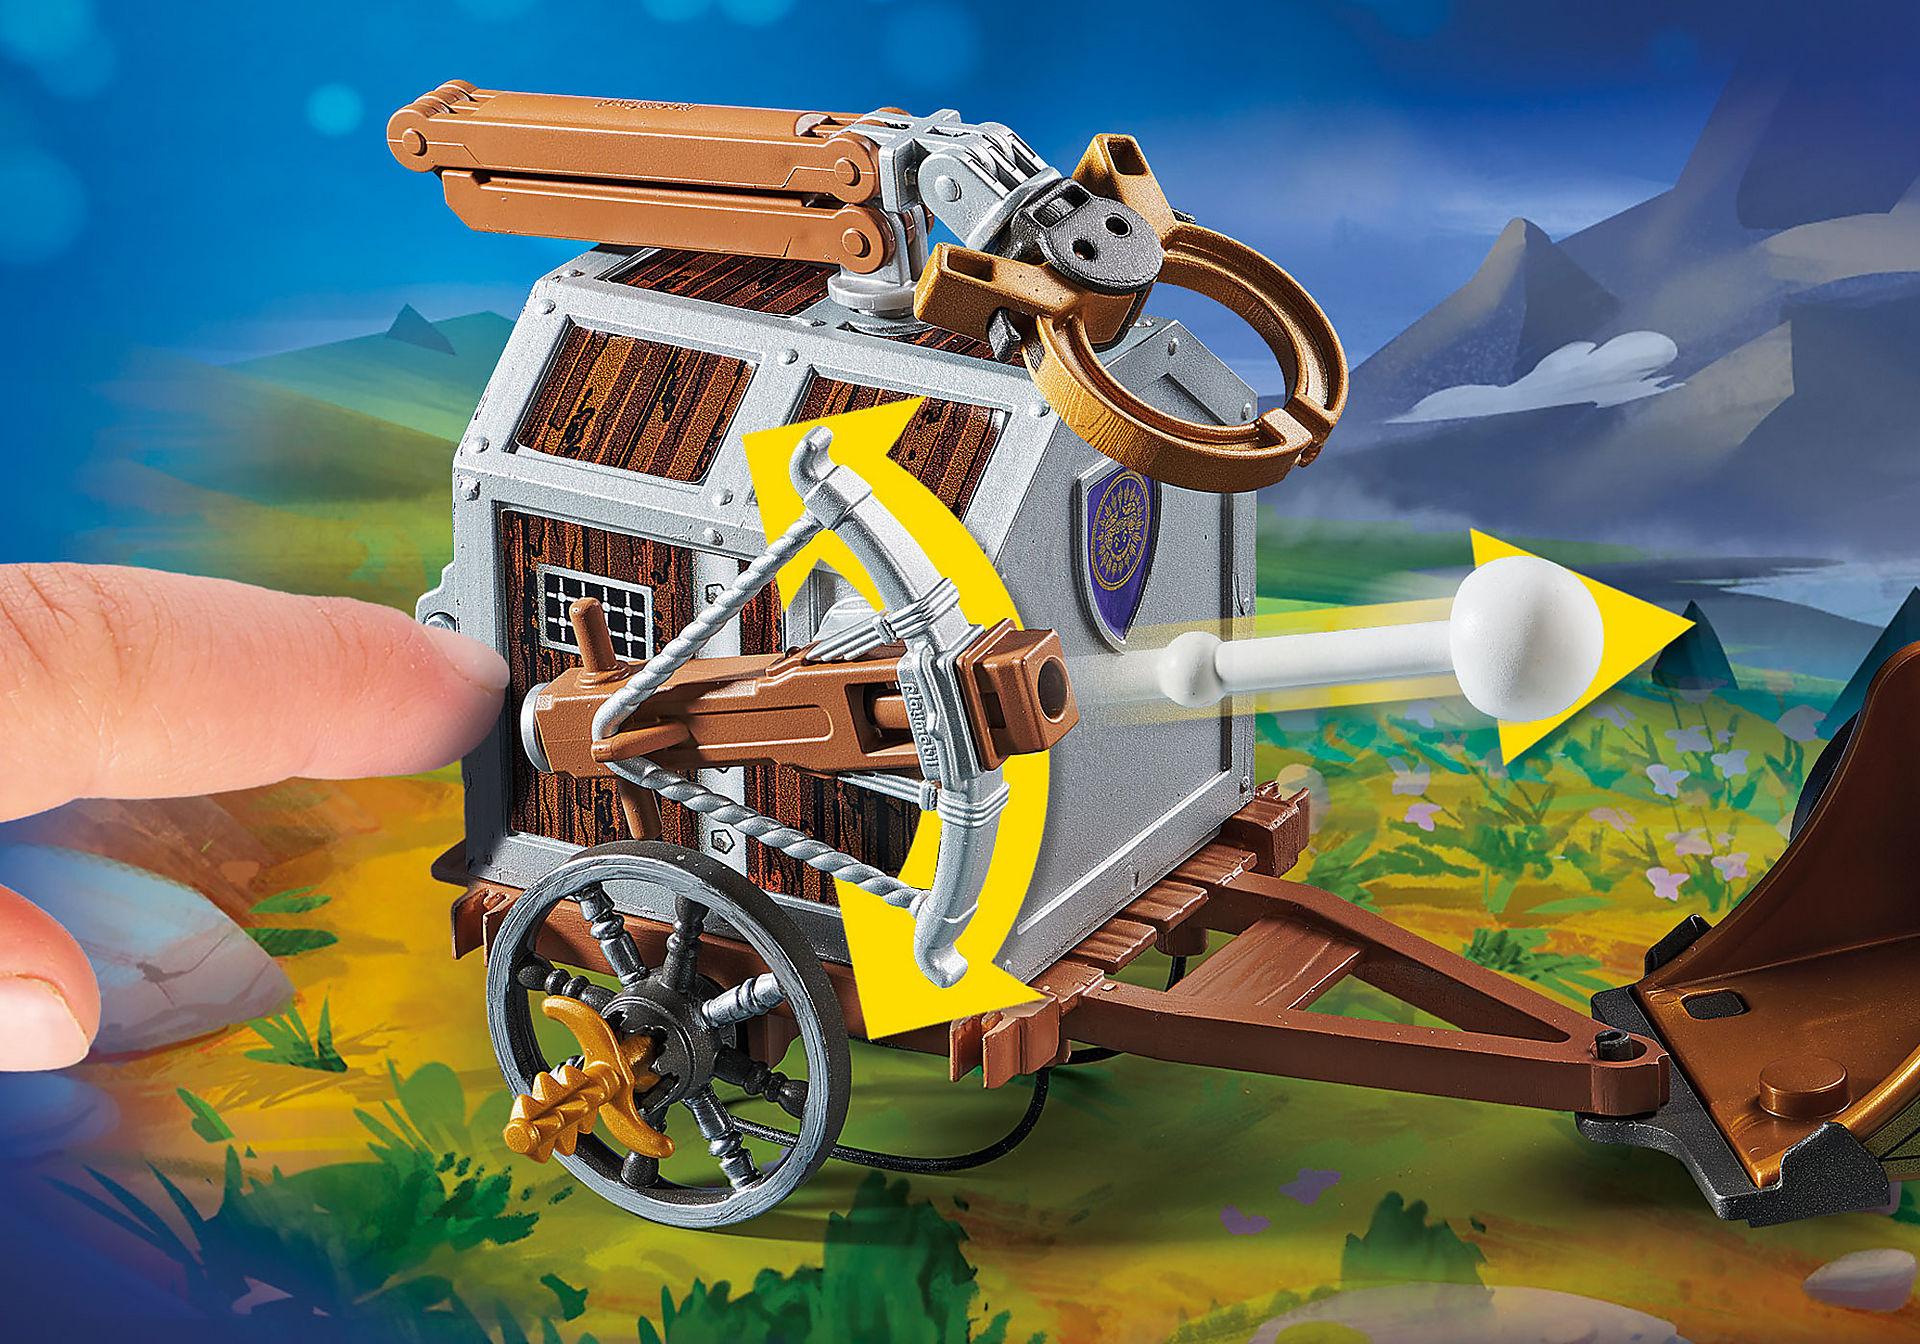 http://media.playmobil.com/i/playmobil/70073_product_extra1/PLAYMOBIL: THE MOVIE Charlie i powóz rzezimieszków